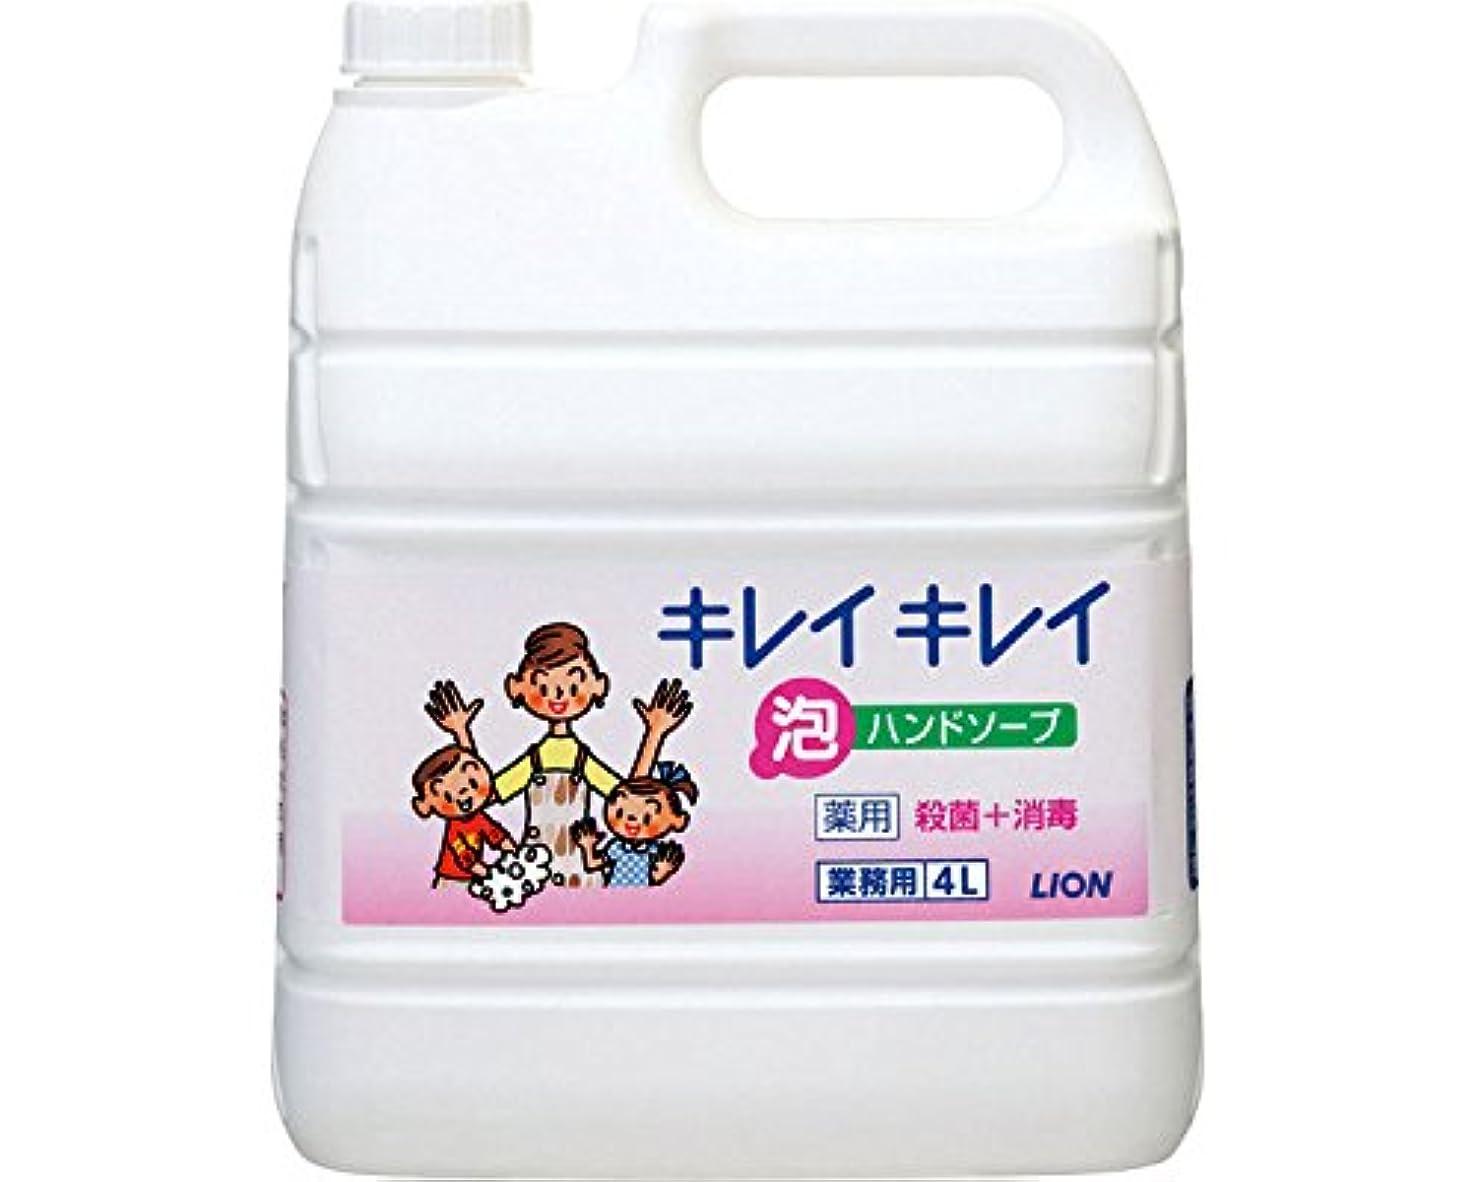 パパポンド中国キレイキレイ薬用泡ハンドソープ 4L詰替 (ライオンハイジーン) (手指洗浄)